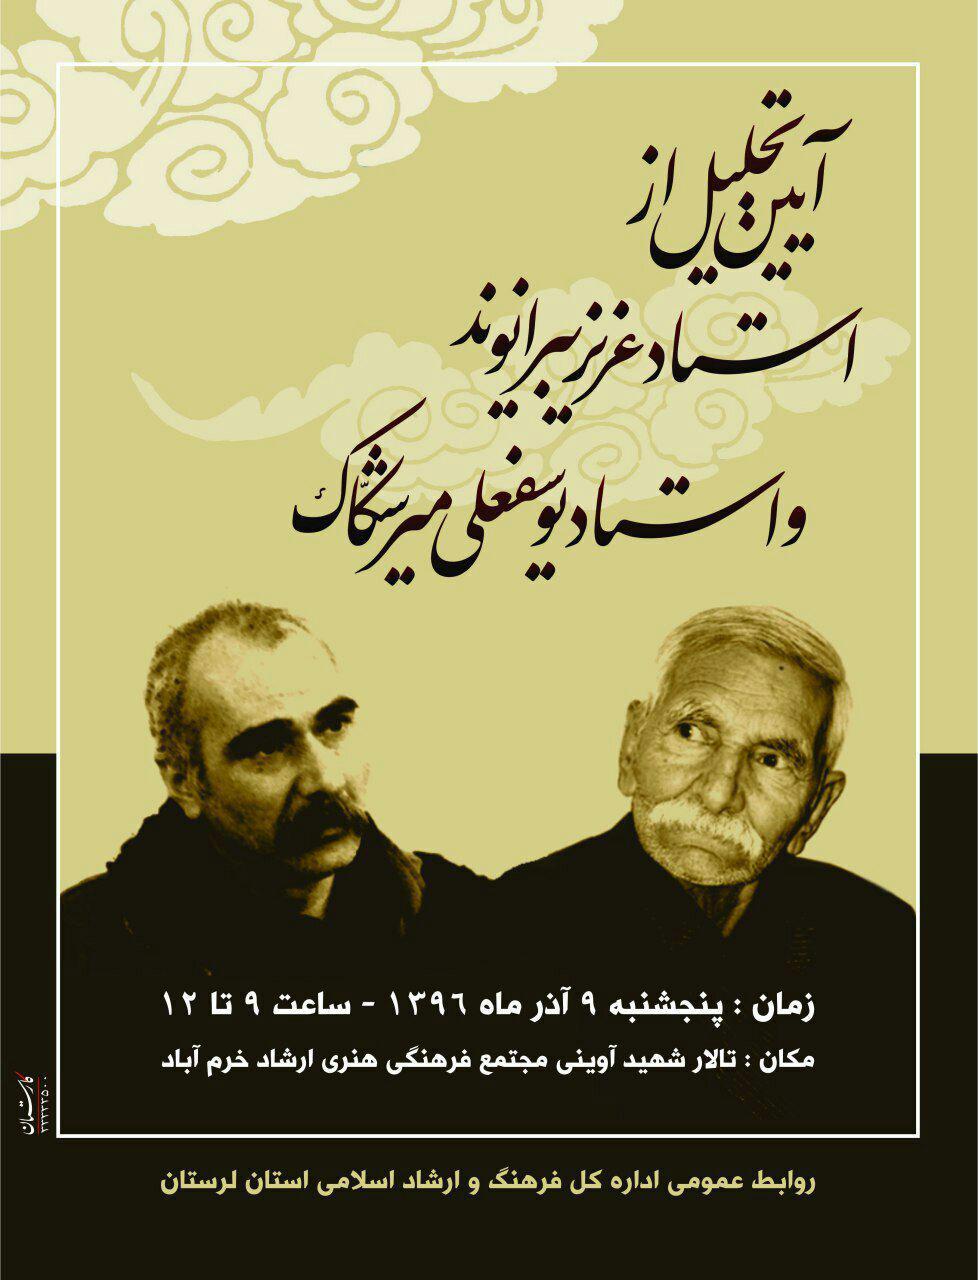 بزرگداشت عزیز بیرانوند و یوسفعلی میرشکاک